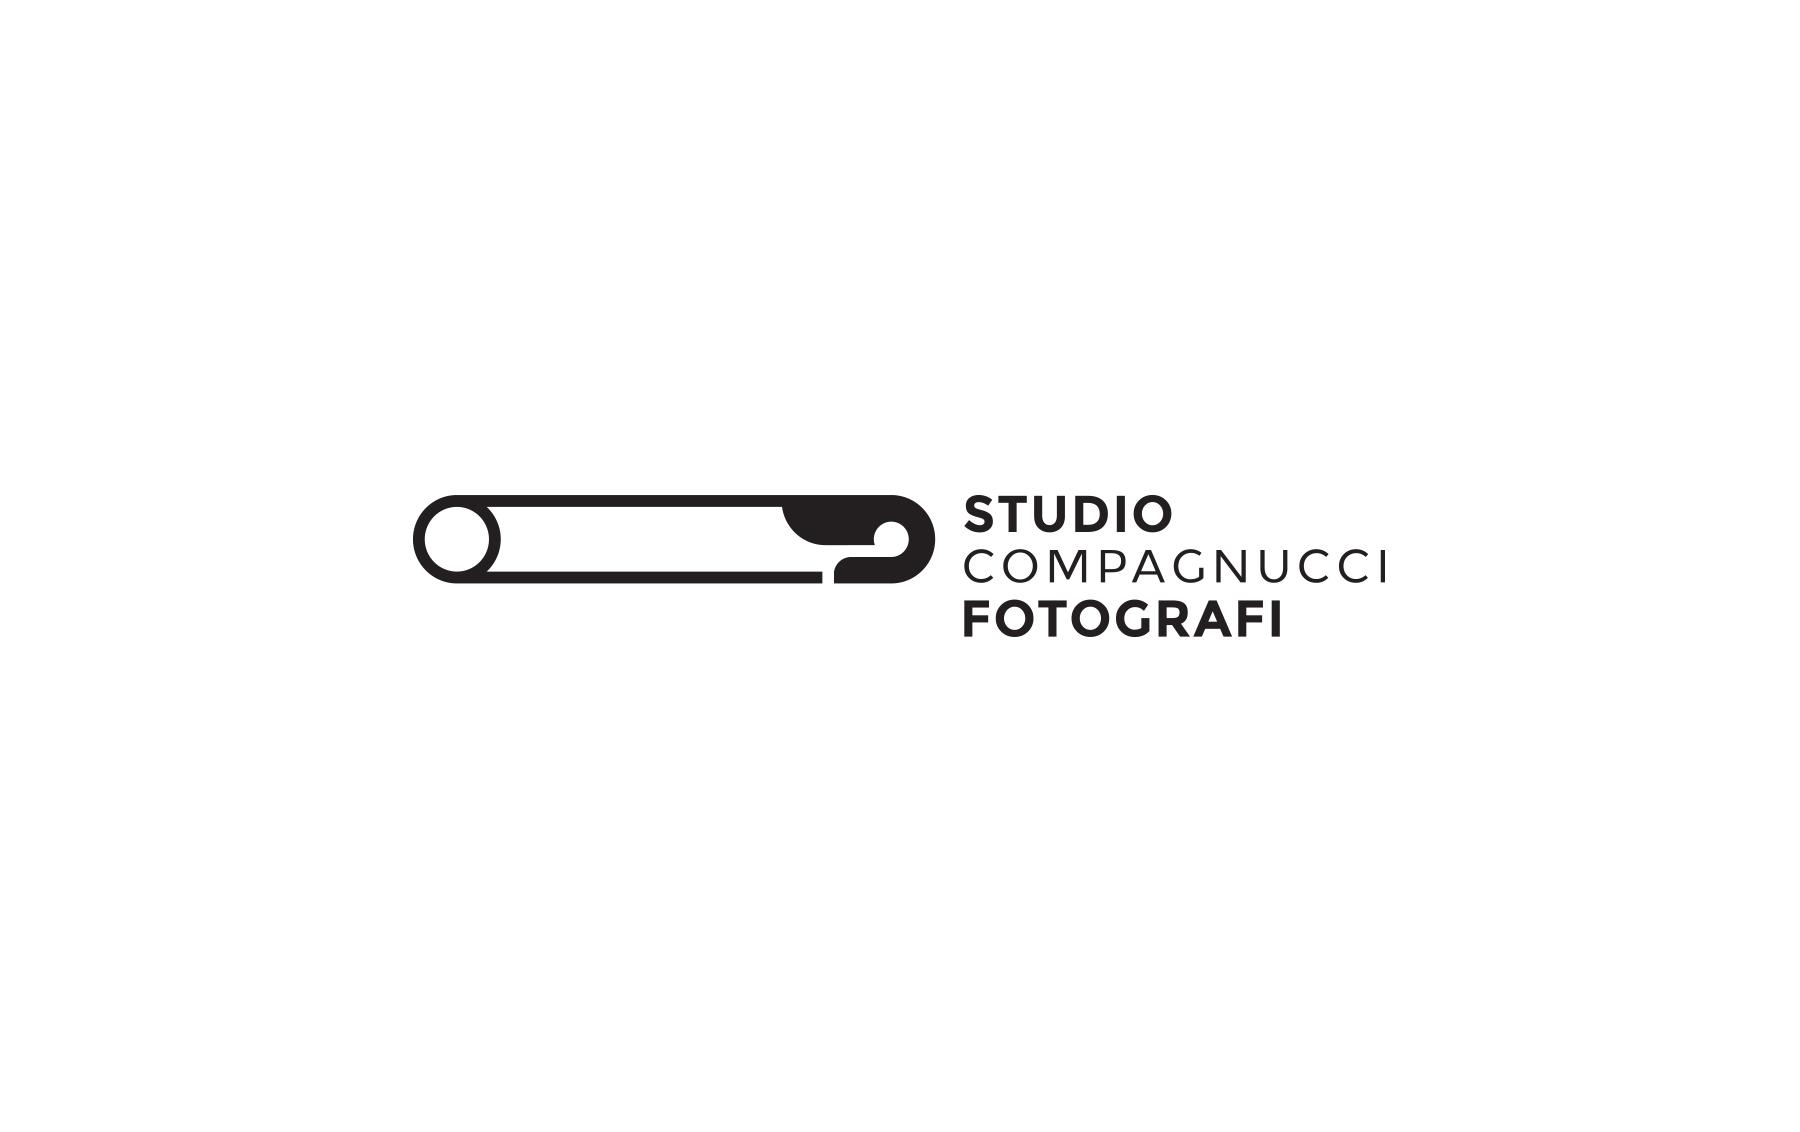 fabio-bevilacqua-studio-compagnucci-01